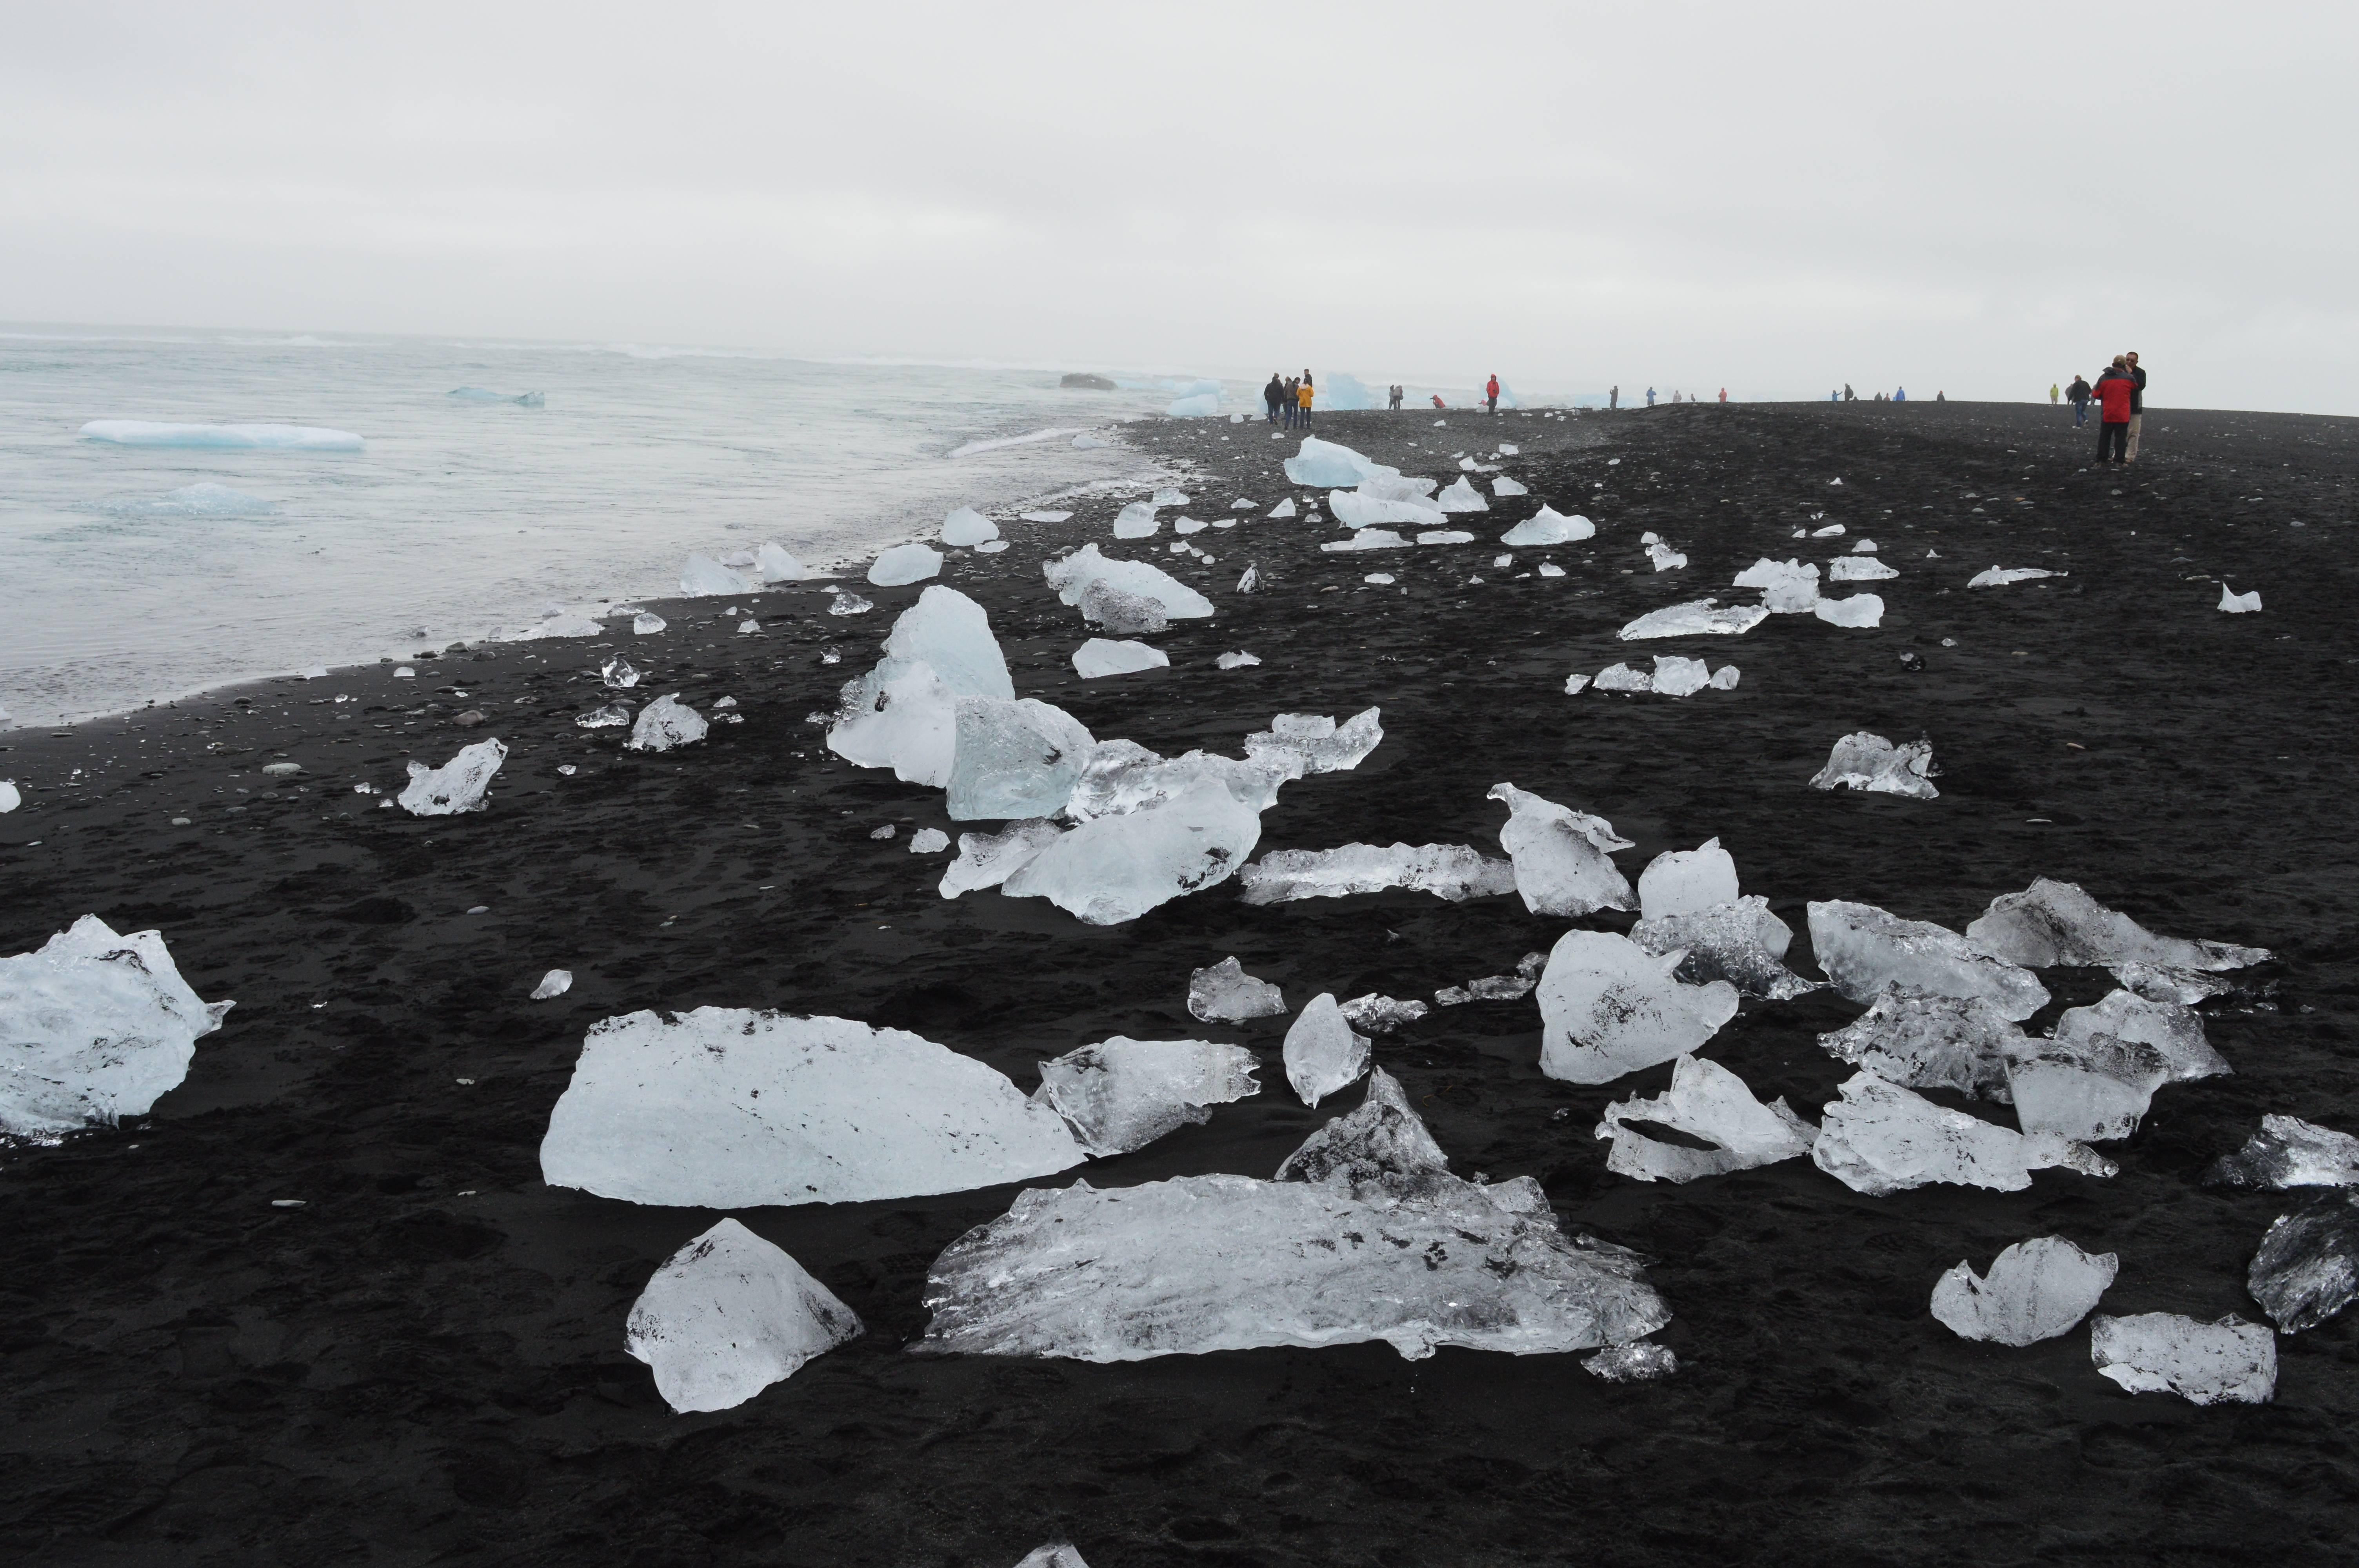 Photo 1: Le lac aux icebergs en Islande